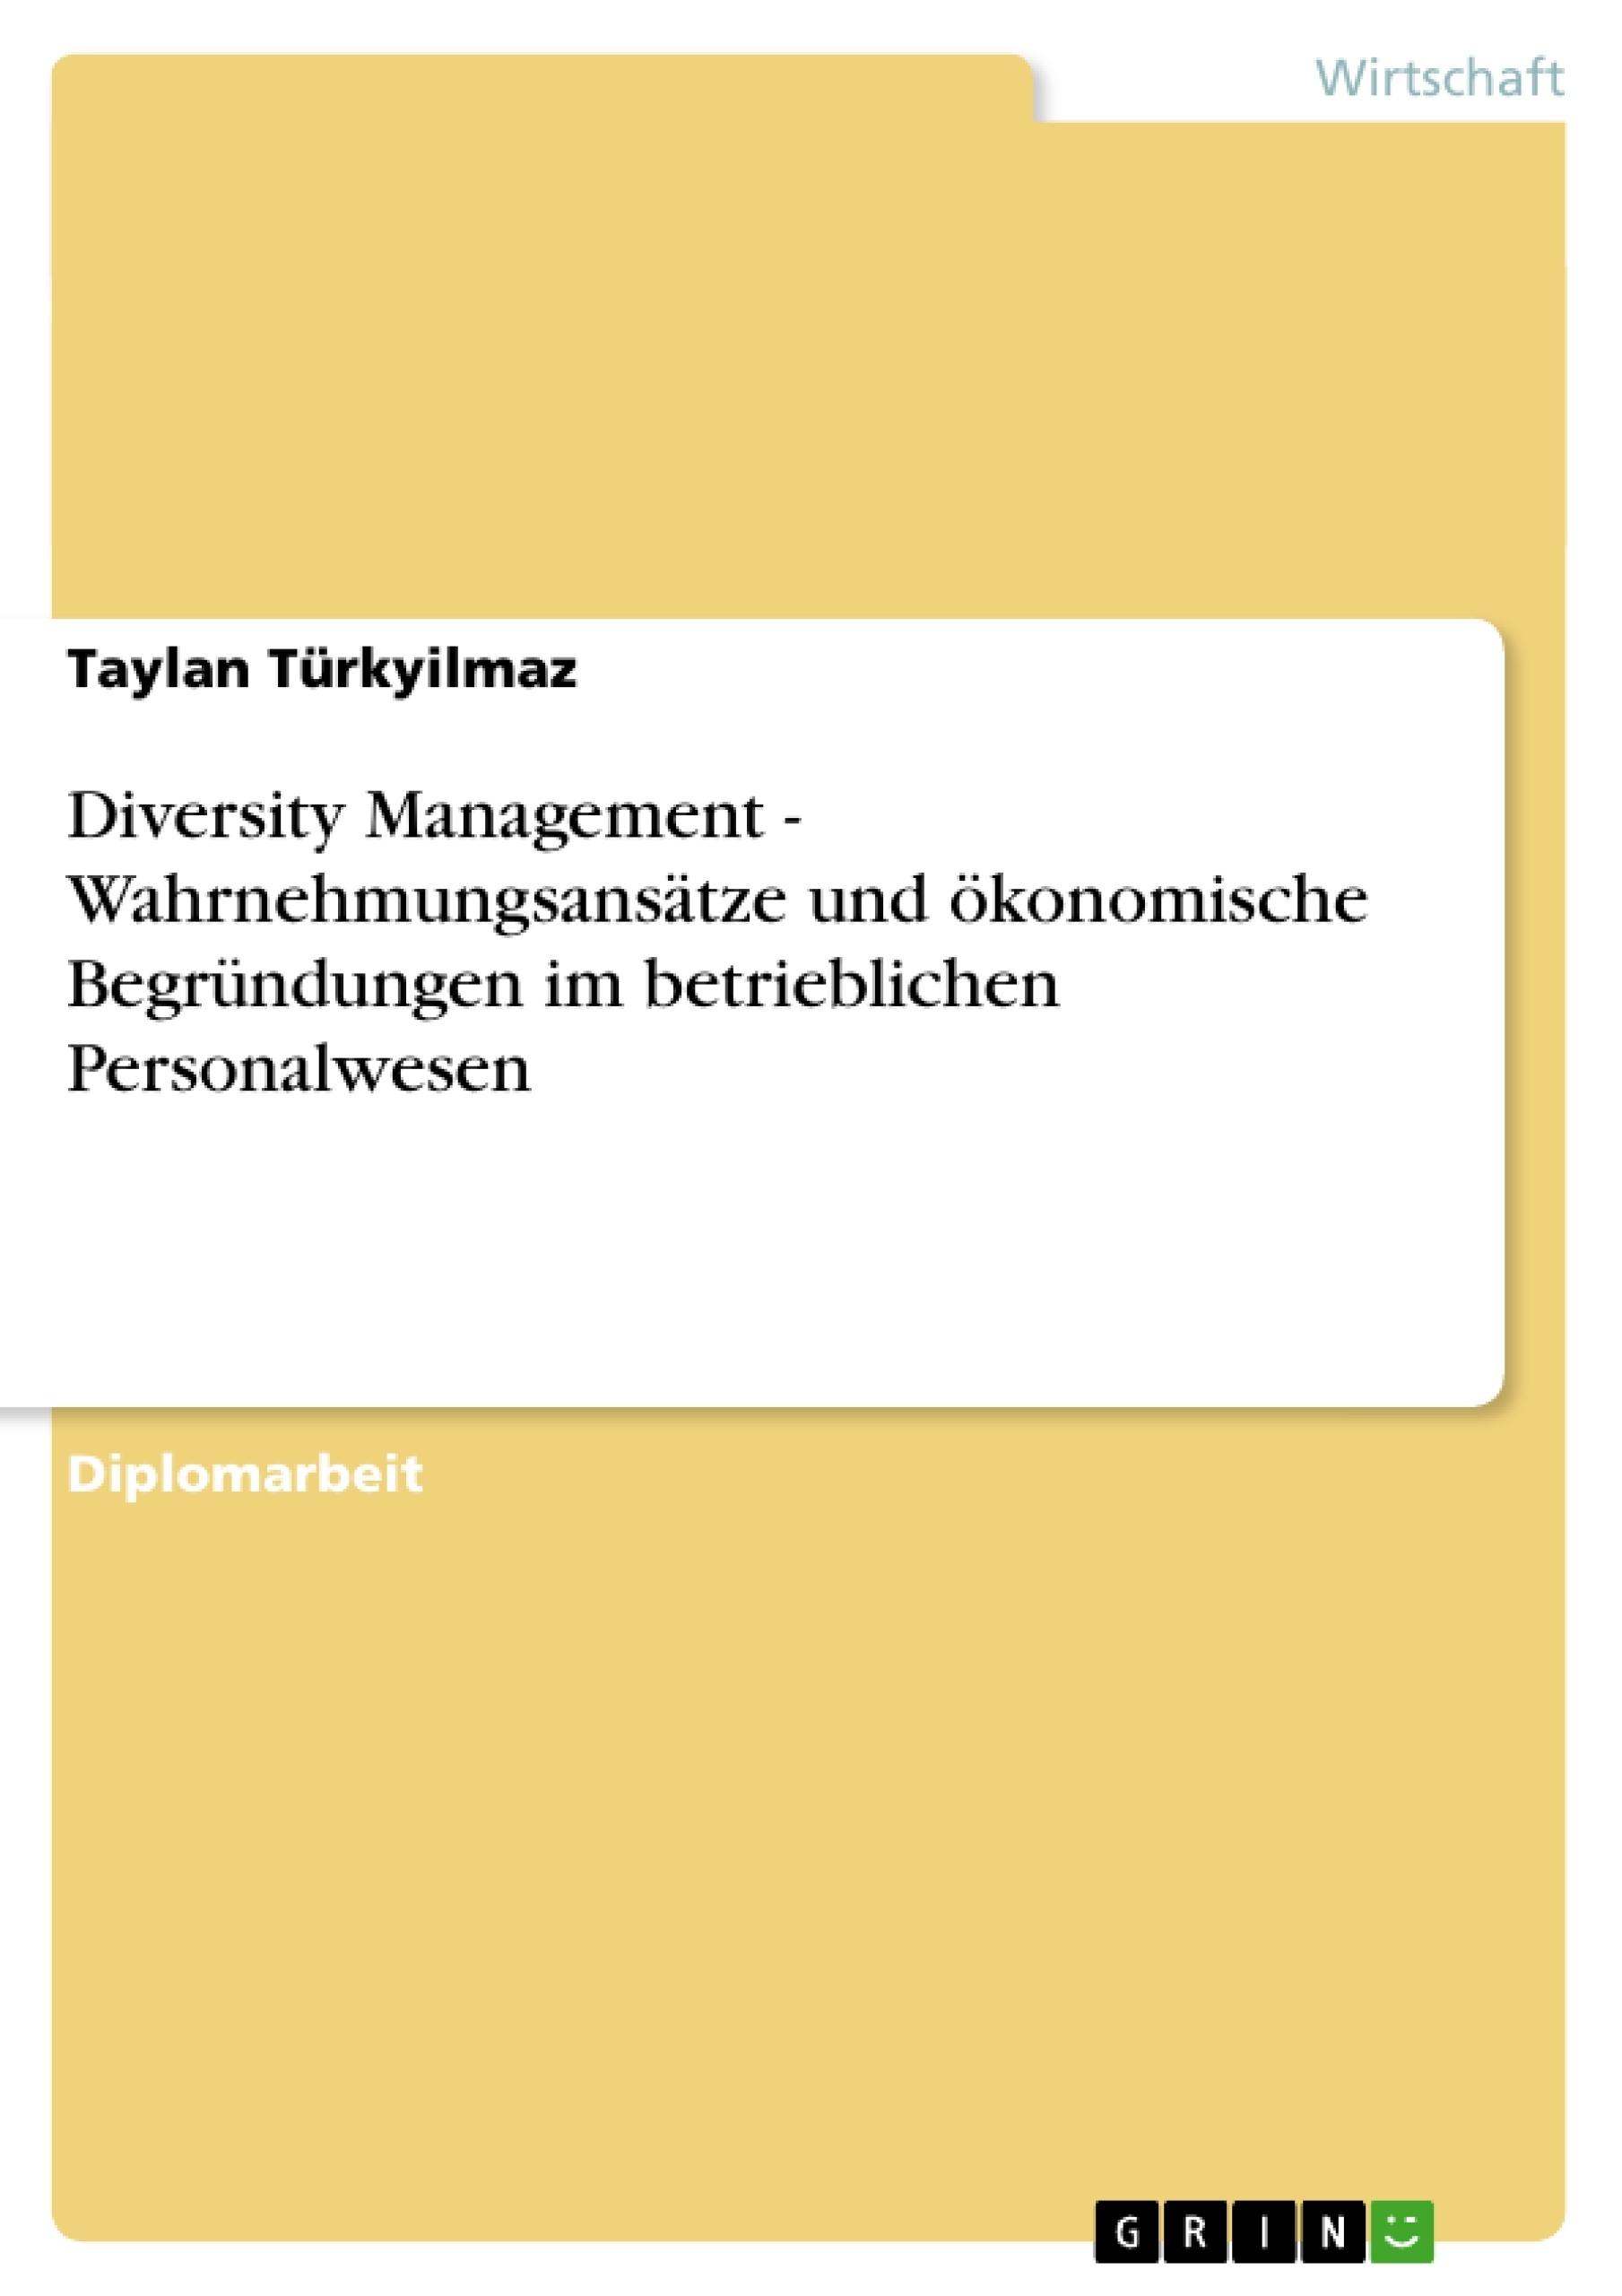 Titel: Diversity Management - Wahrnehmungsansätze und ökonomische Begründungen im betrieblichen Personalwesen